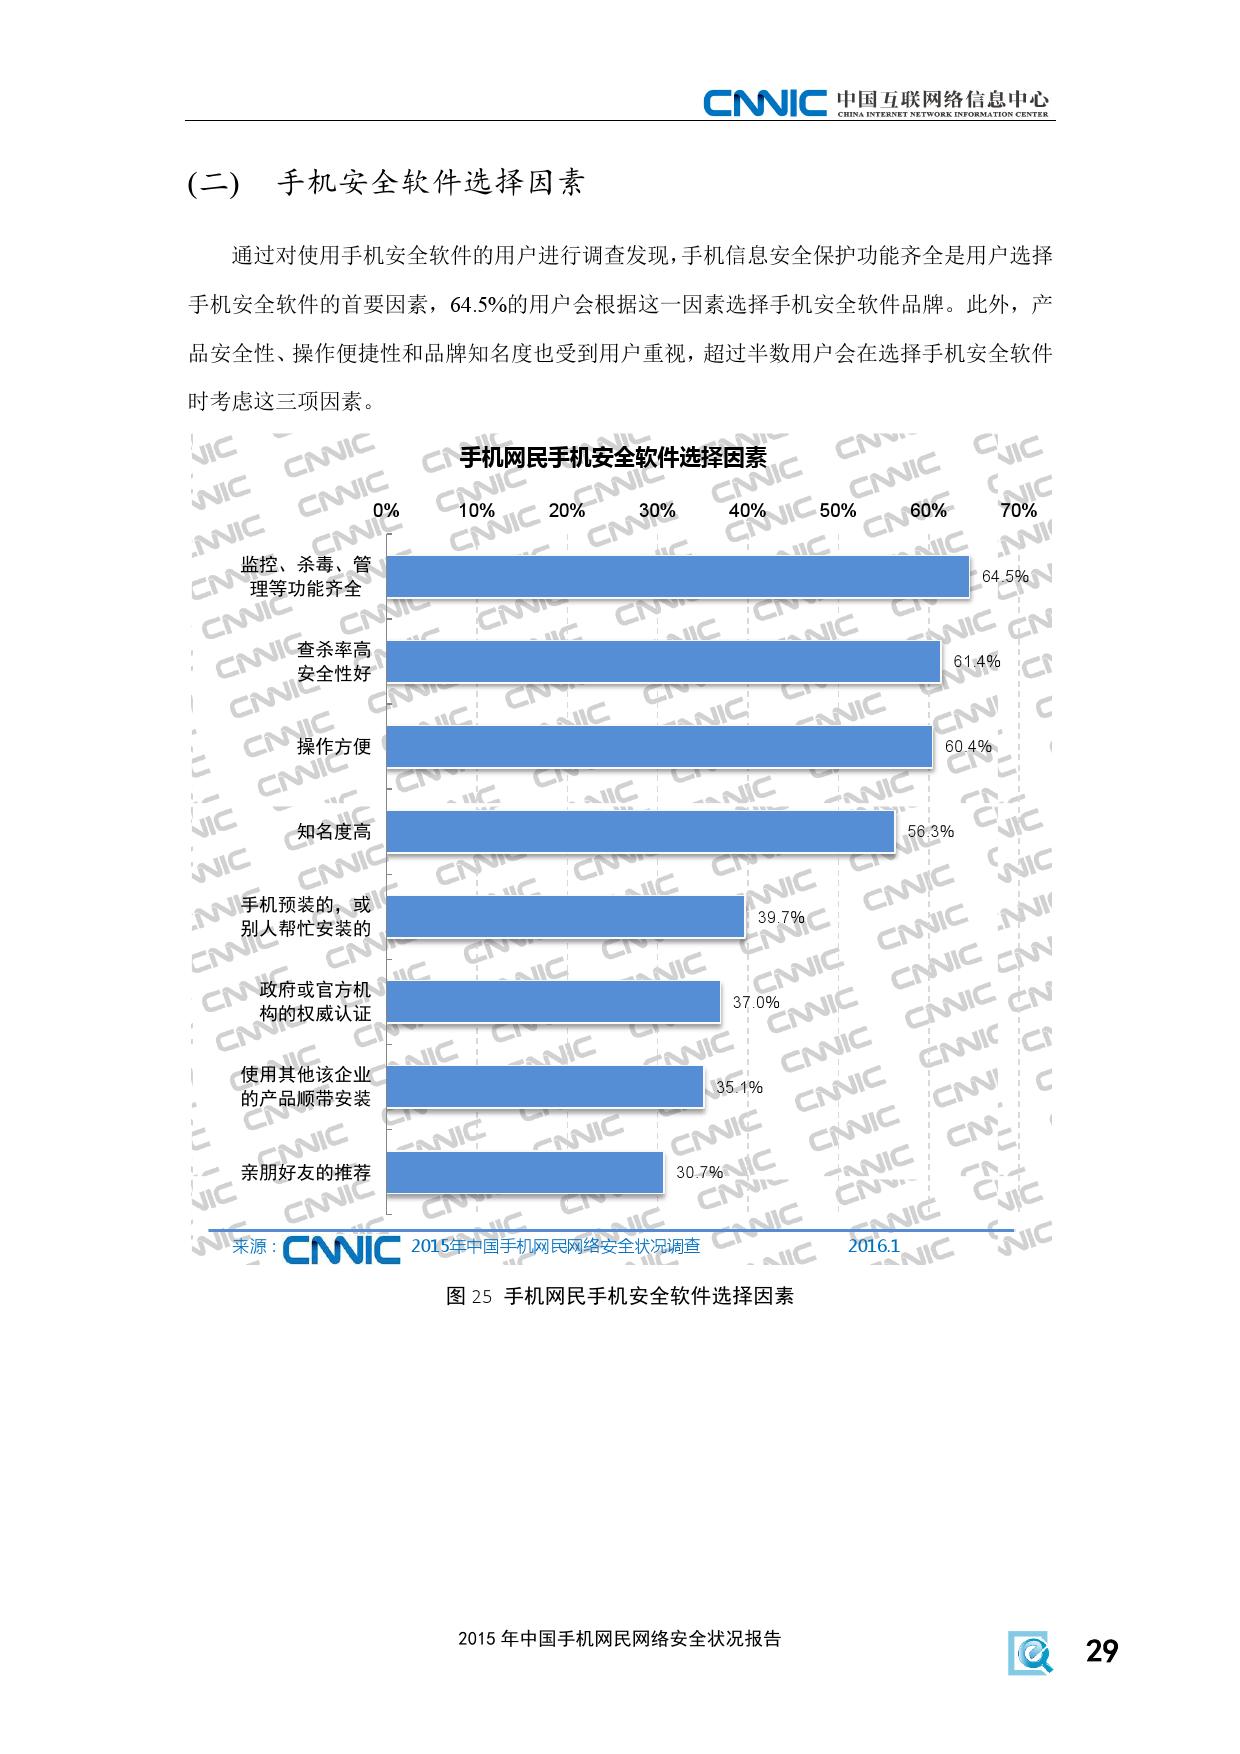 2015年中国手机网民网络安全状况报告_000035